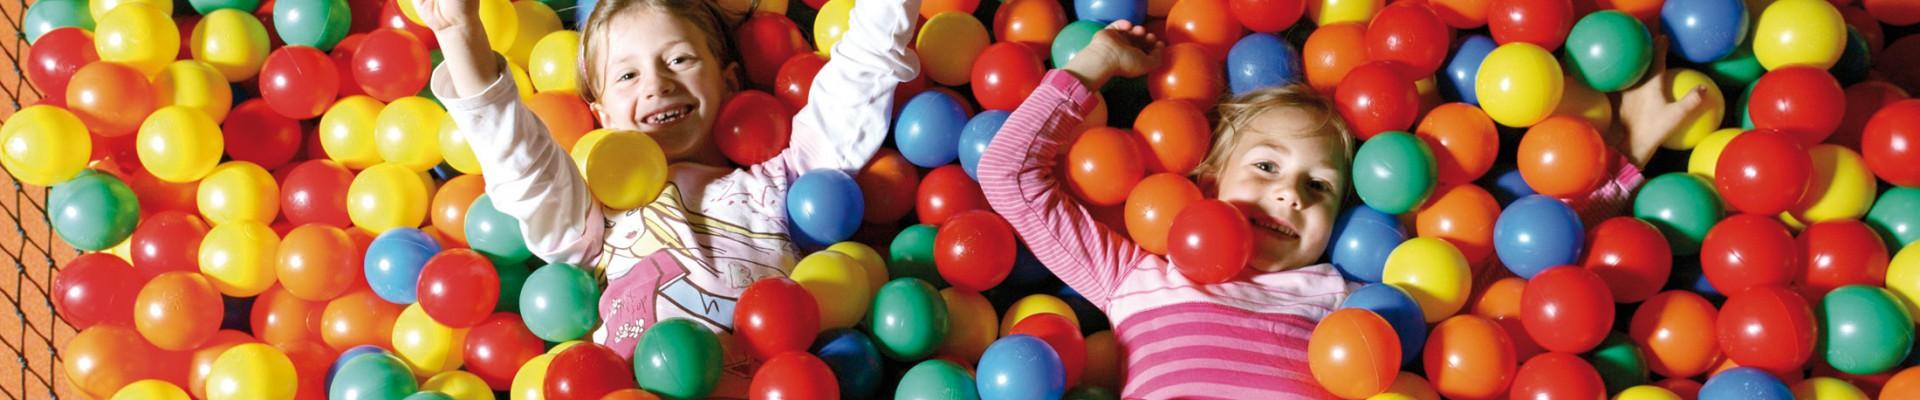 Kinder - Playarena Tux - Archiv Tourismusverband Tux-Finkenberg